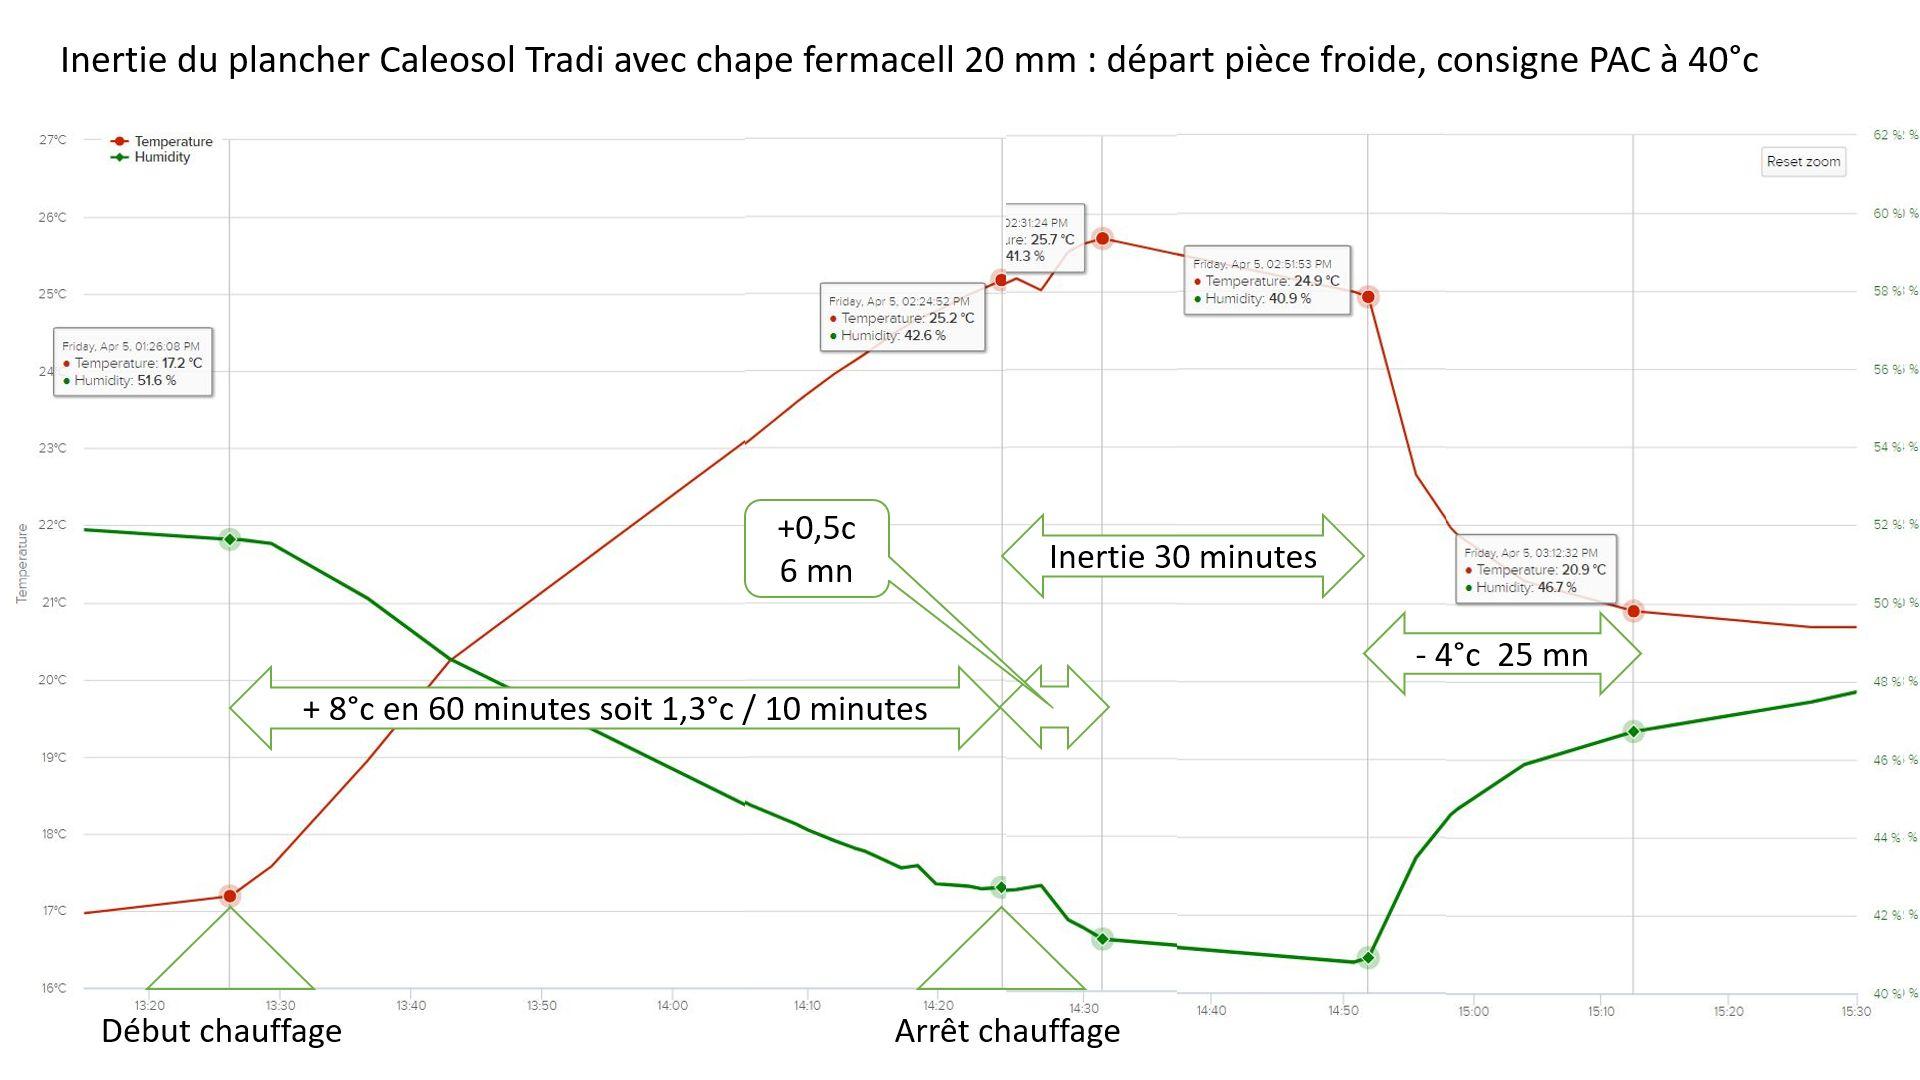 Faible inertie pour réduire le CO² et impact carbone dans le bâtiment